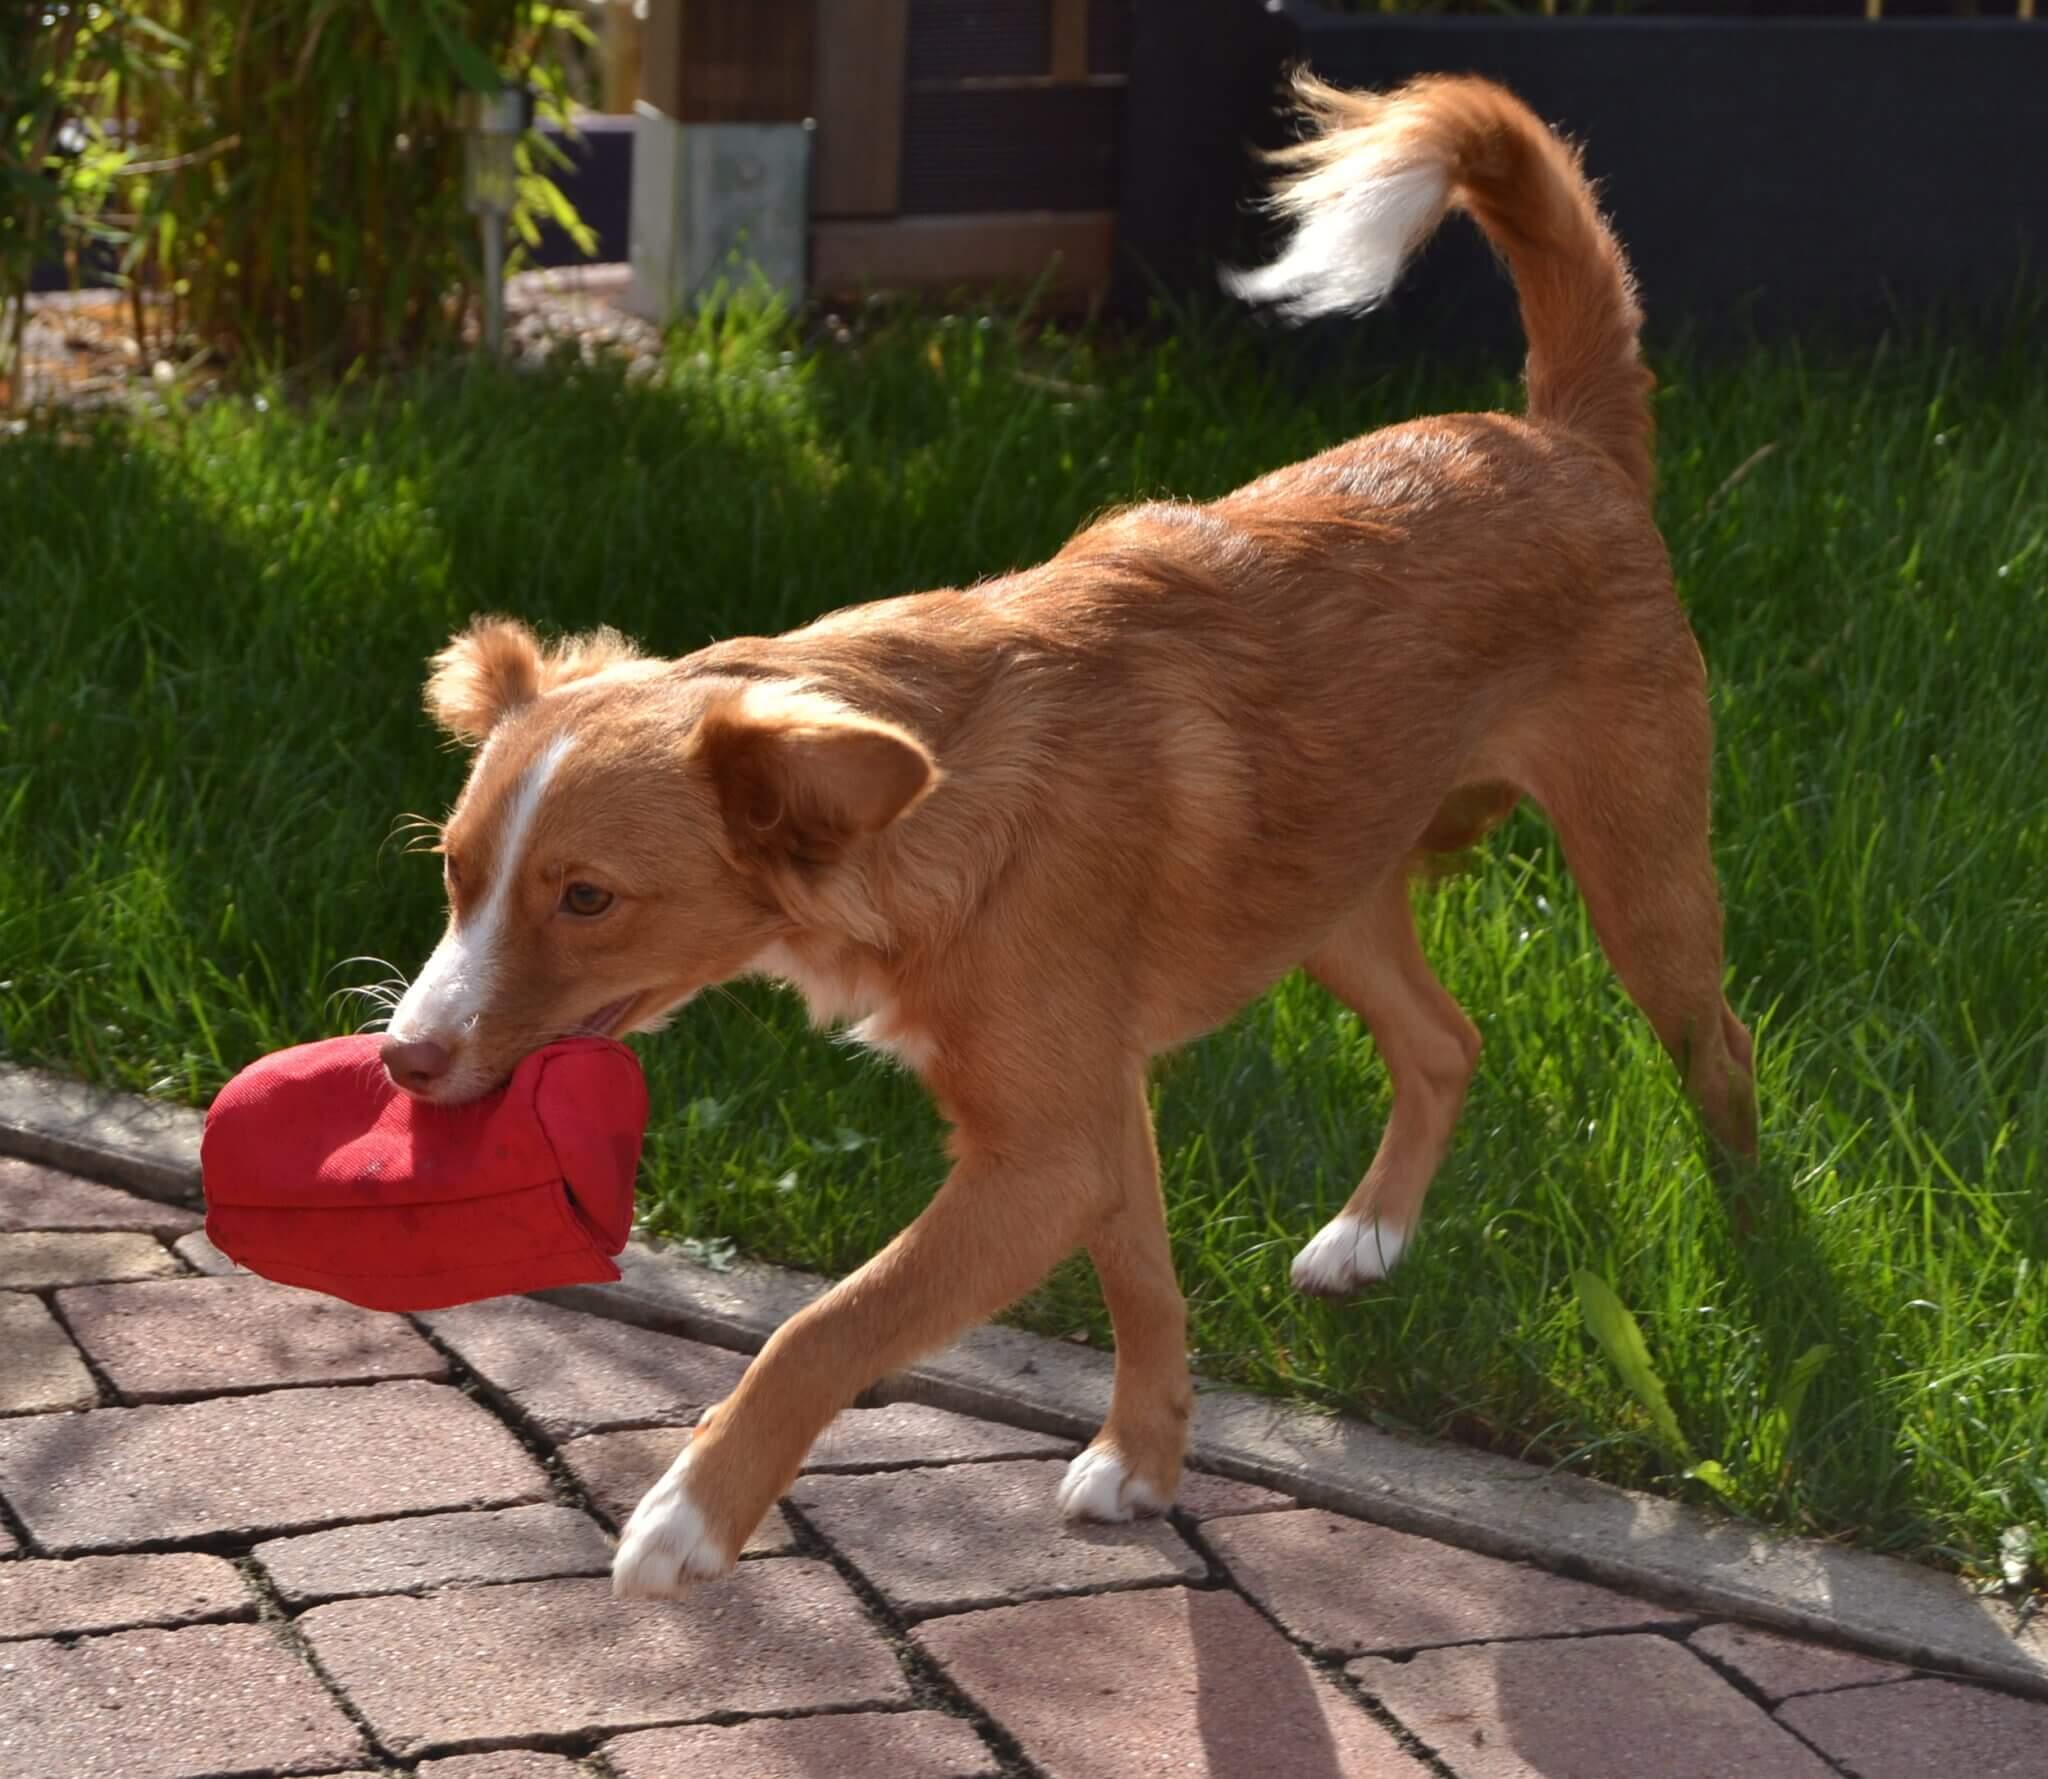 Arthrose beim Hund: Ursachen, Symptome und Behandlung